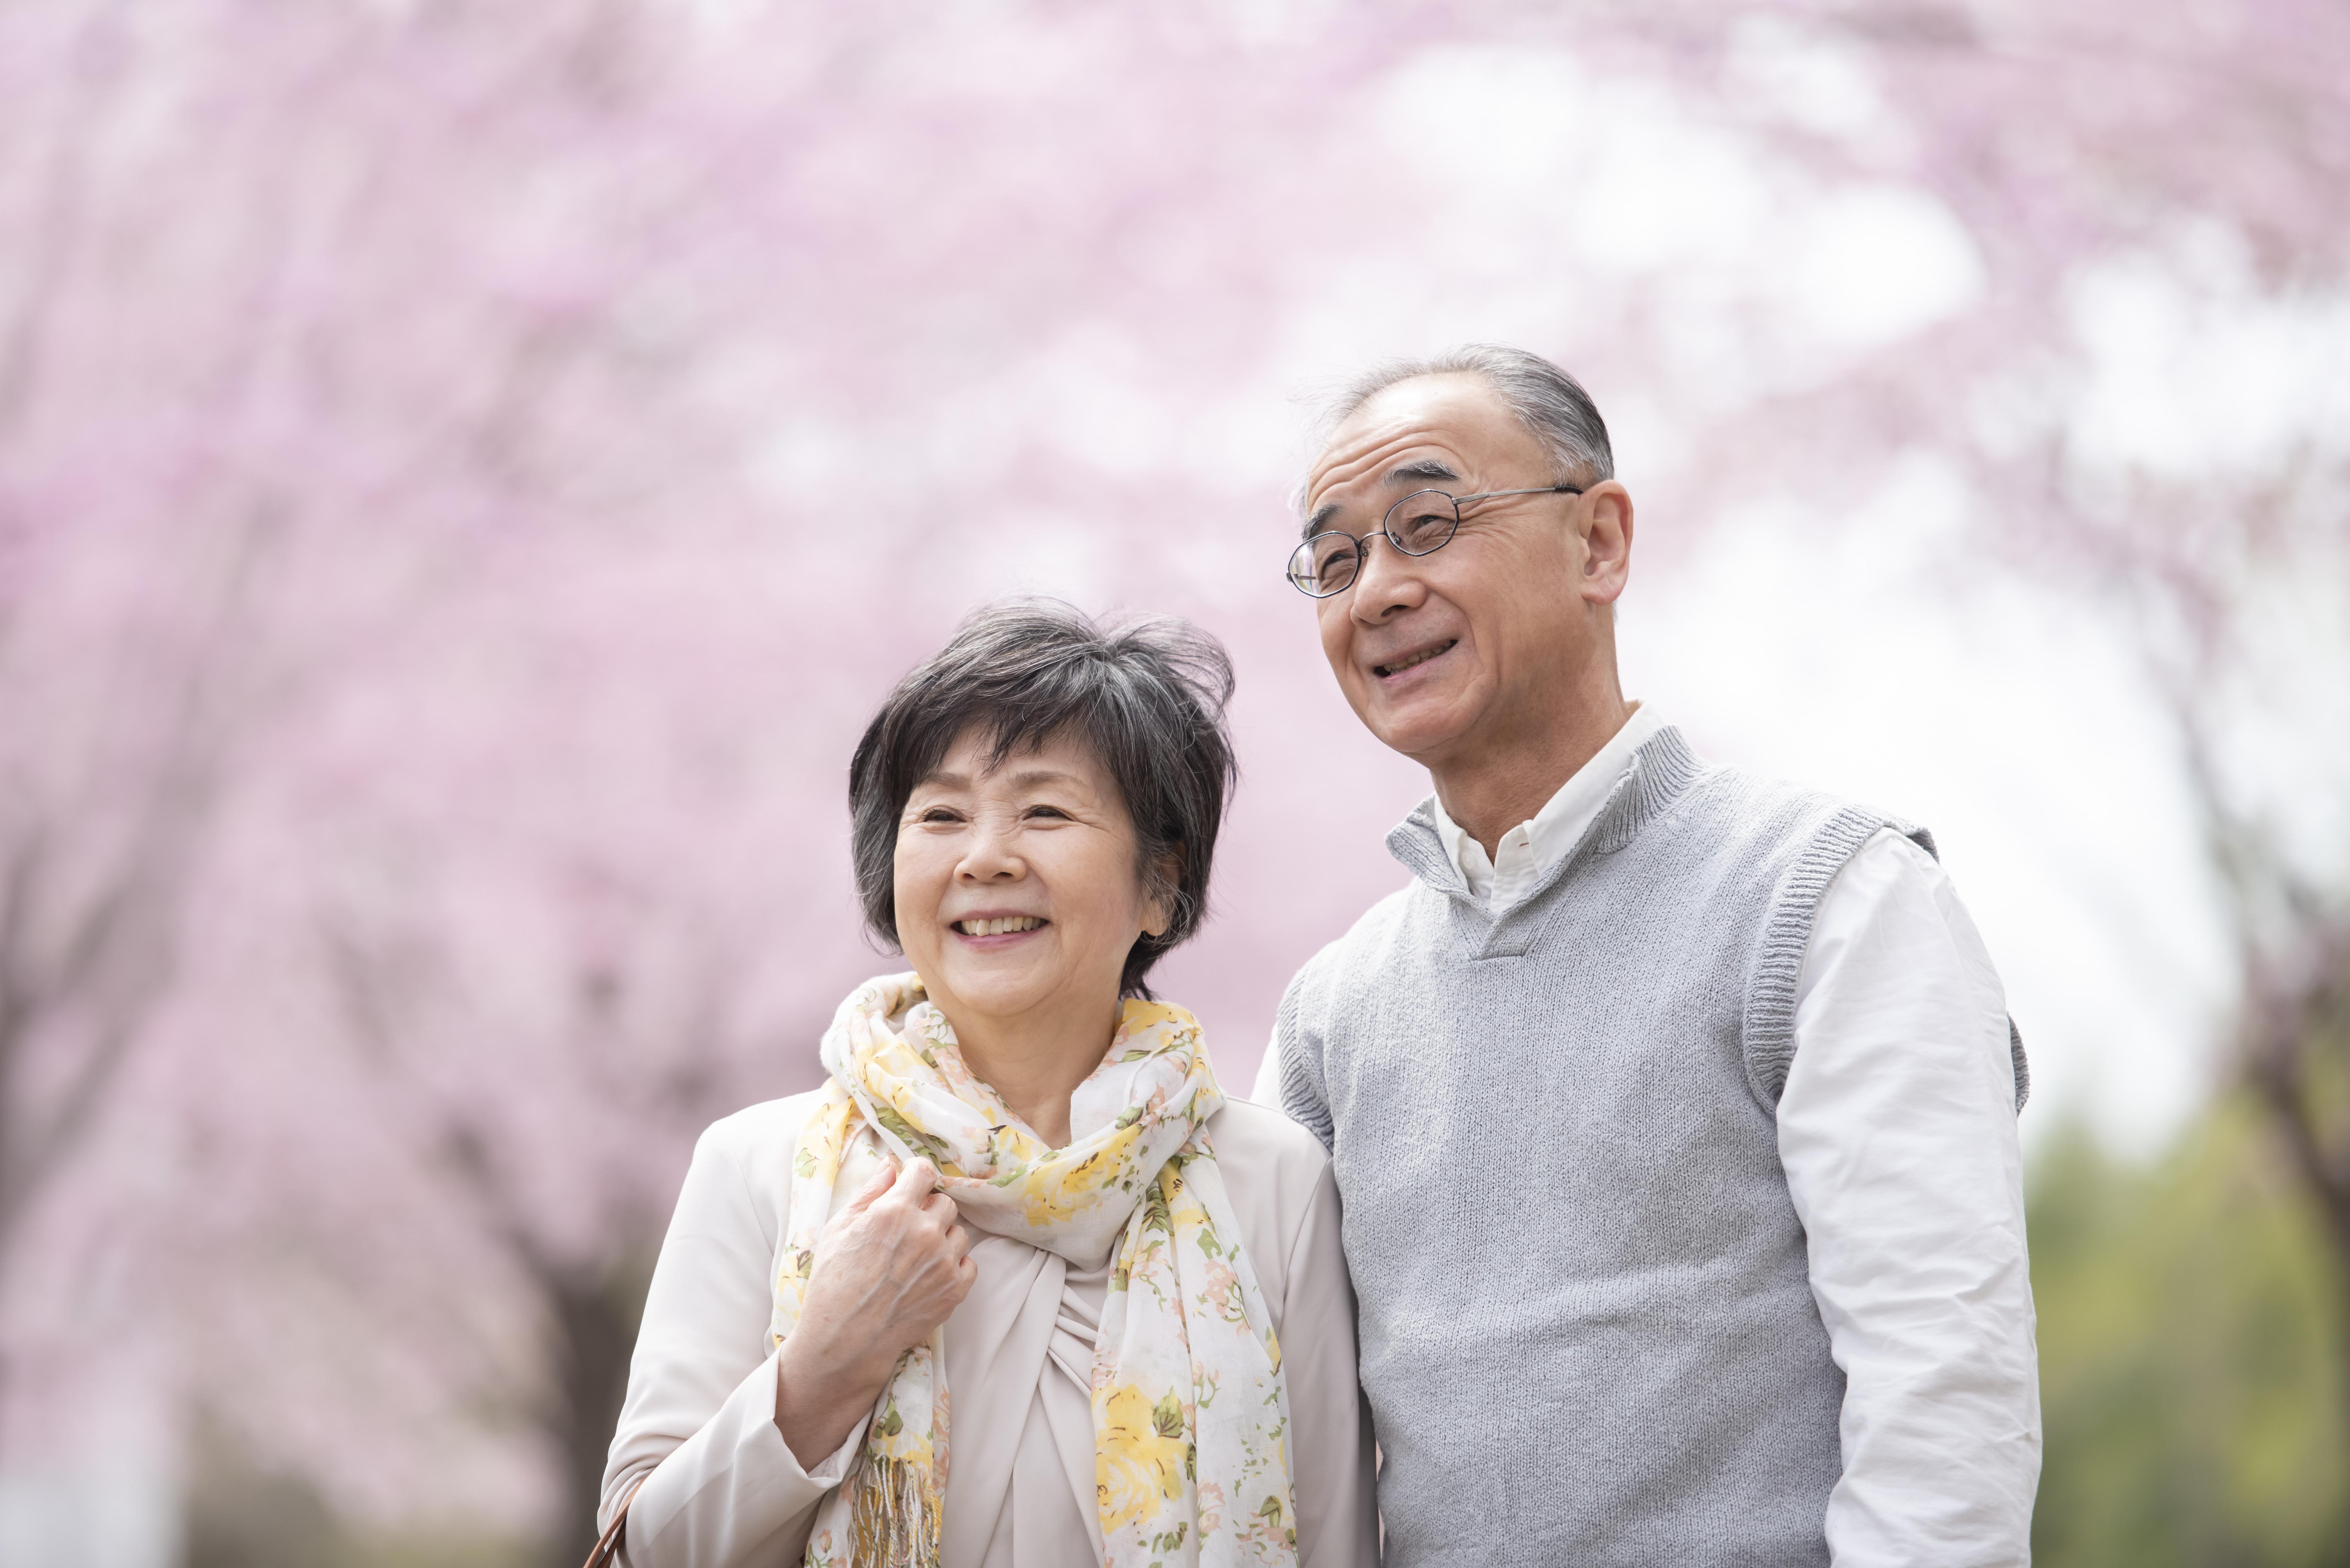 桜の中で微笑むシニア夫婦